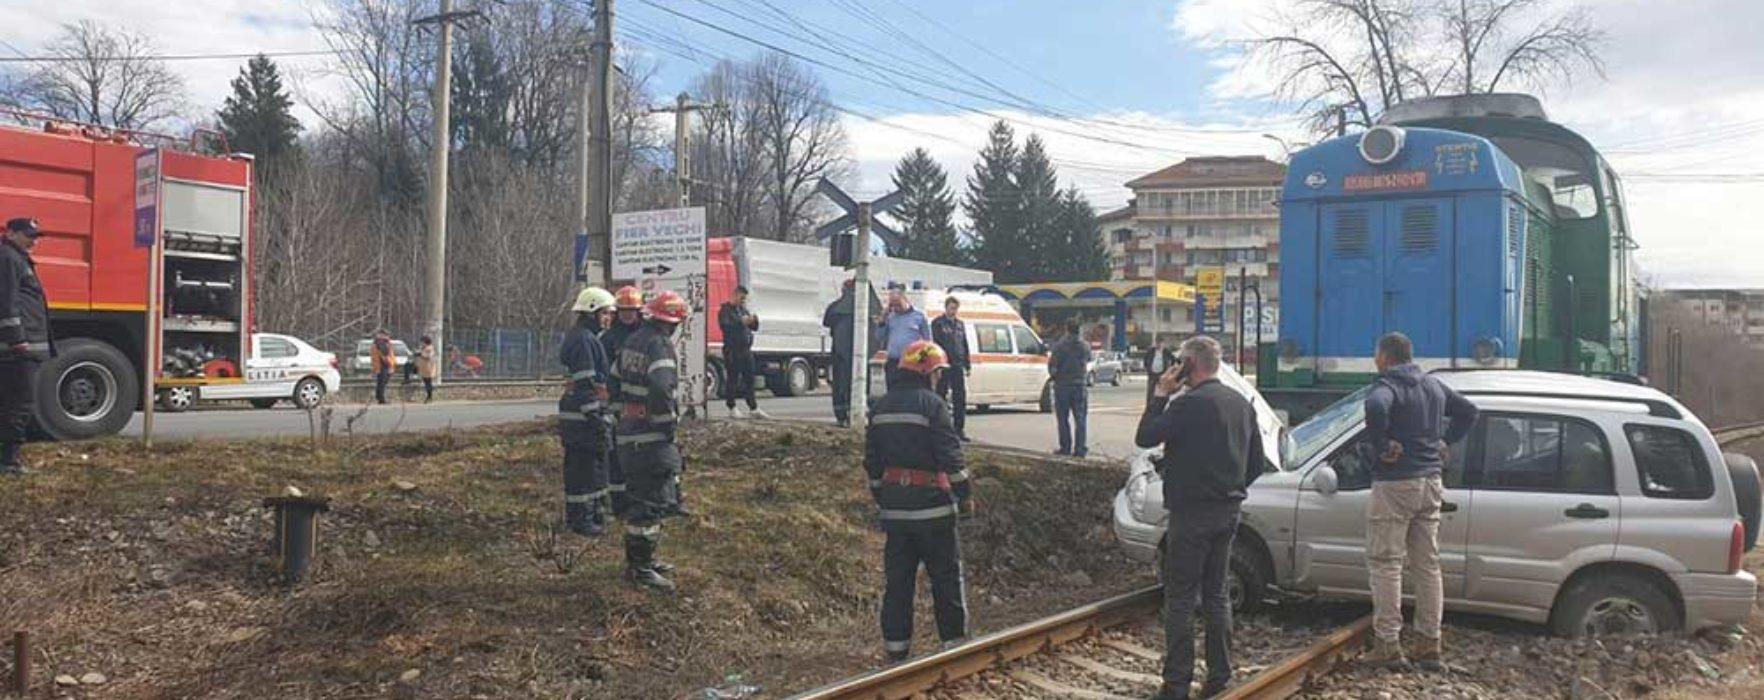 Dâmboviţa: Coliziune între o locomotivă de tren şi un autoturism; două persoane rănite